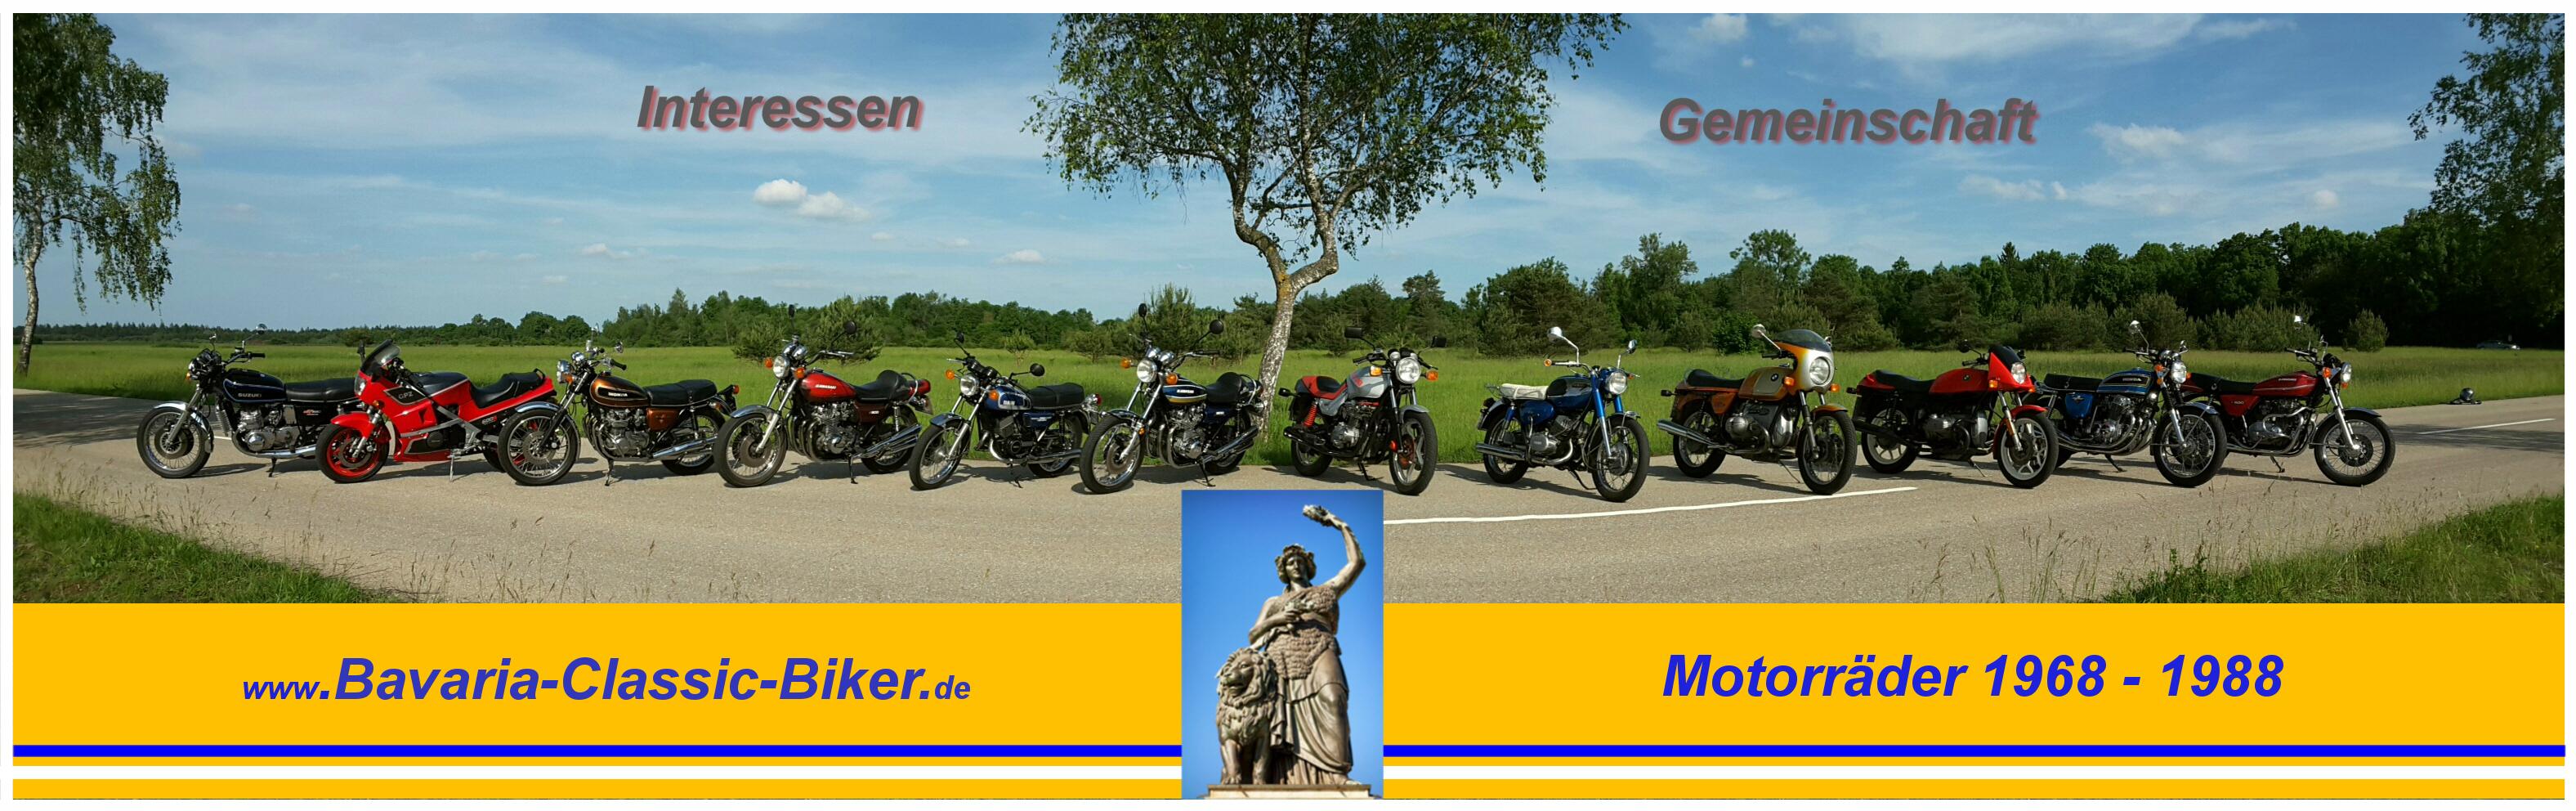 Bavaria-Classic-Biker